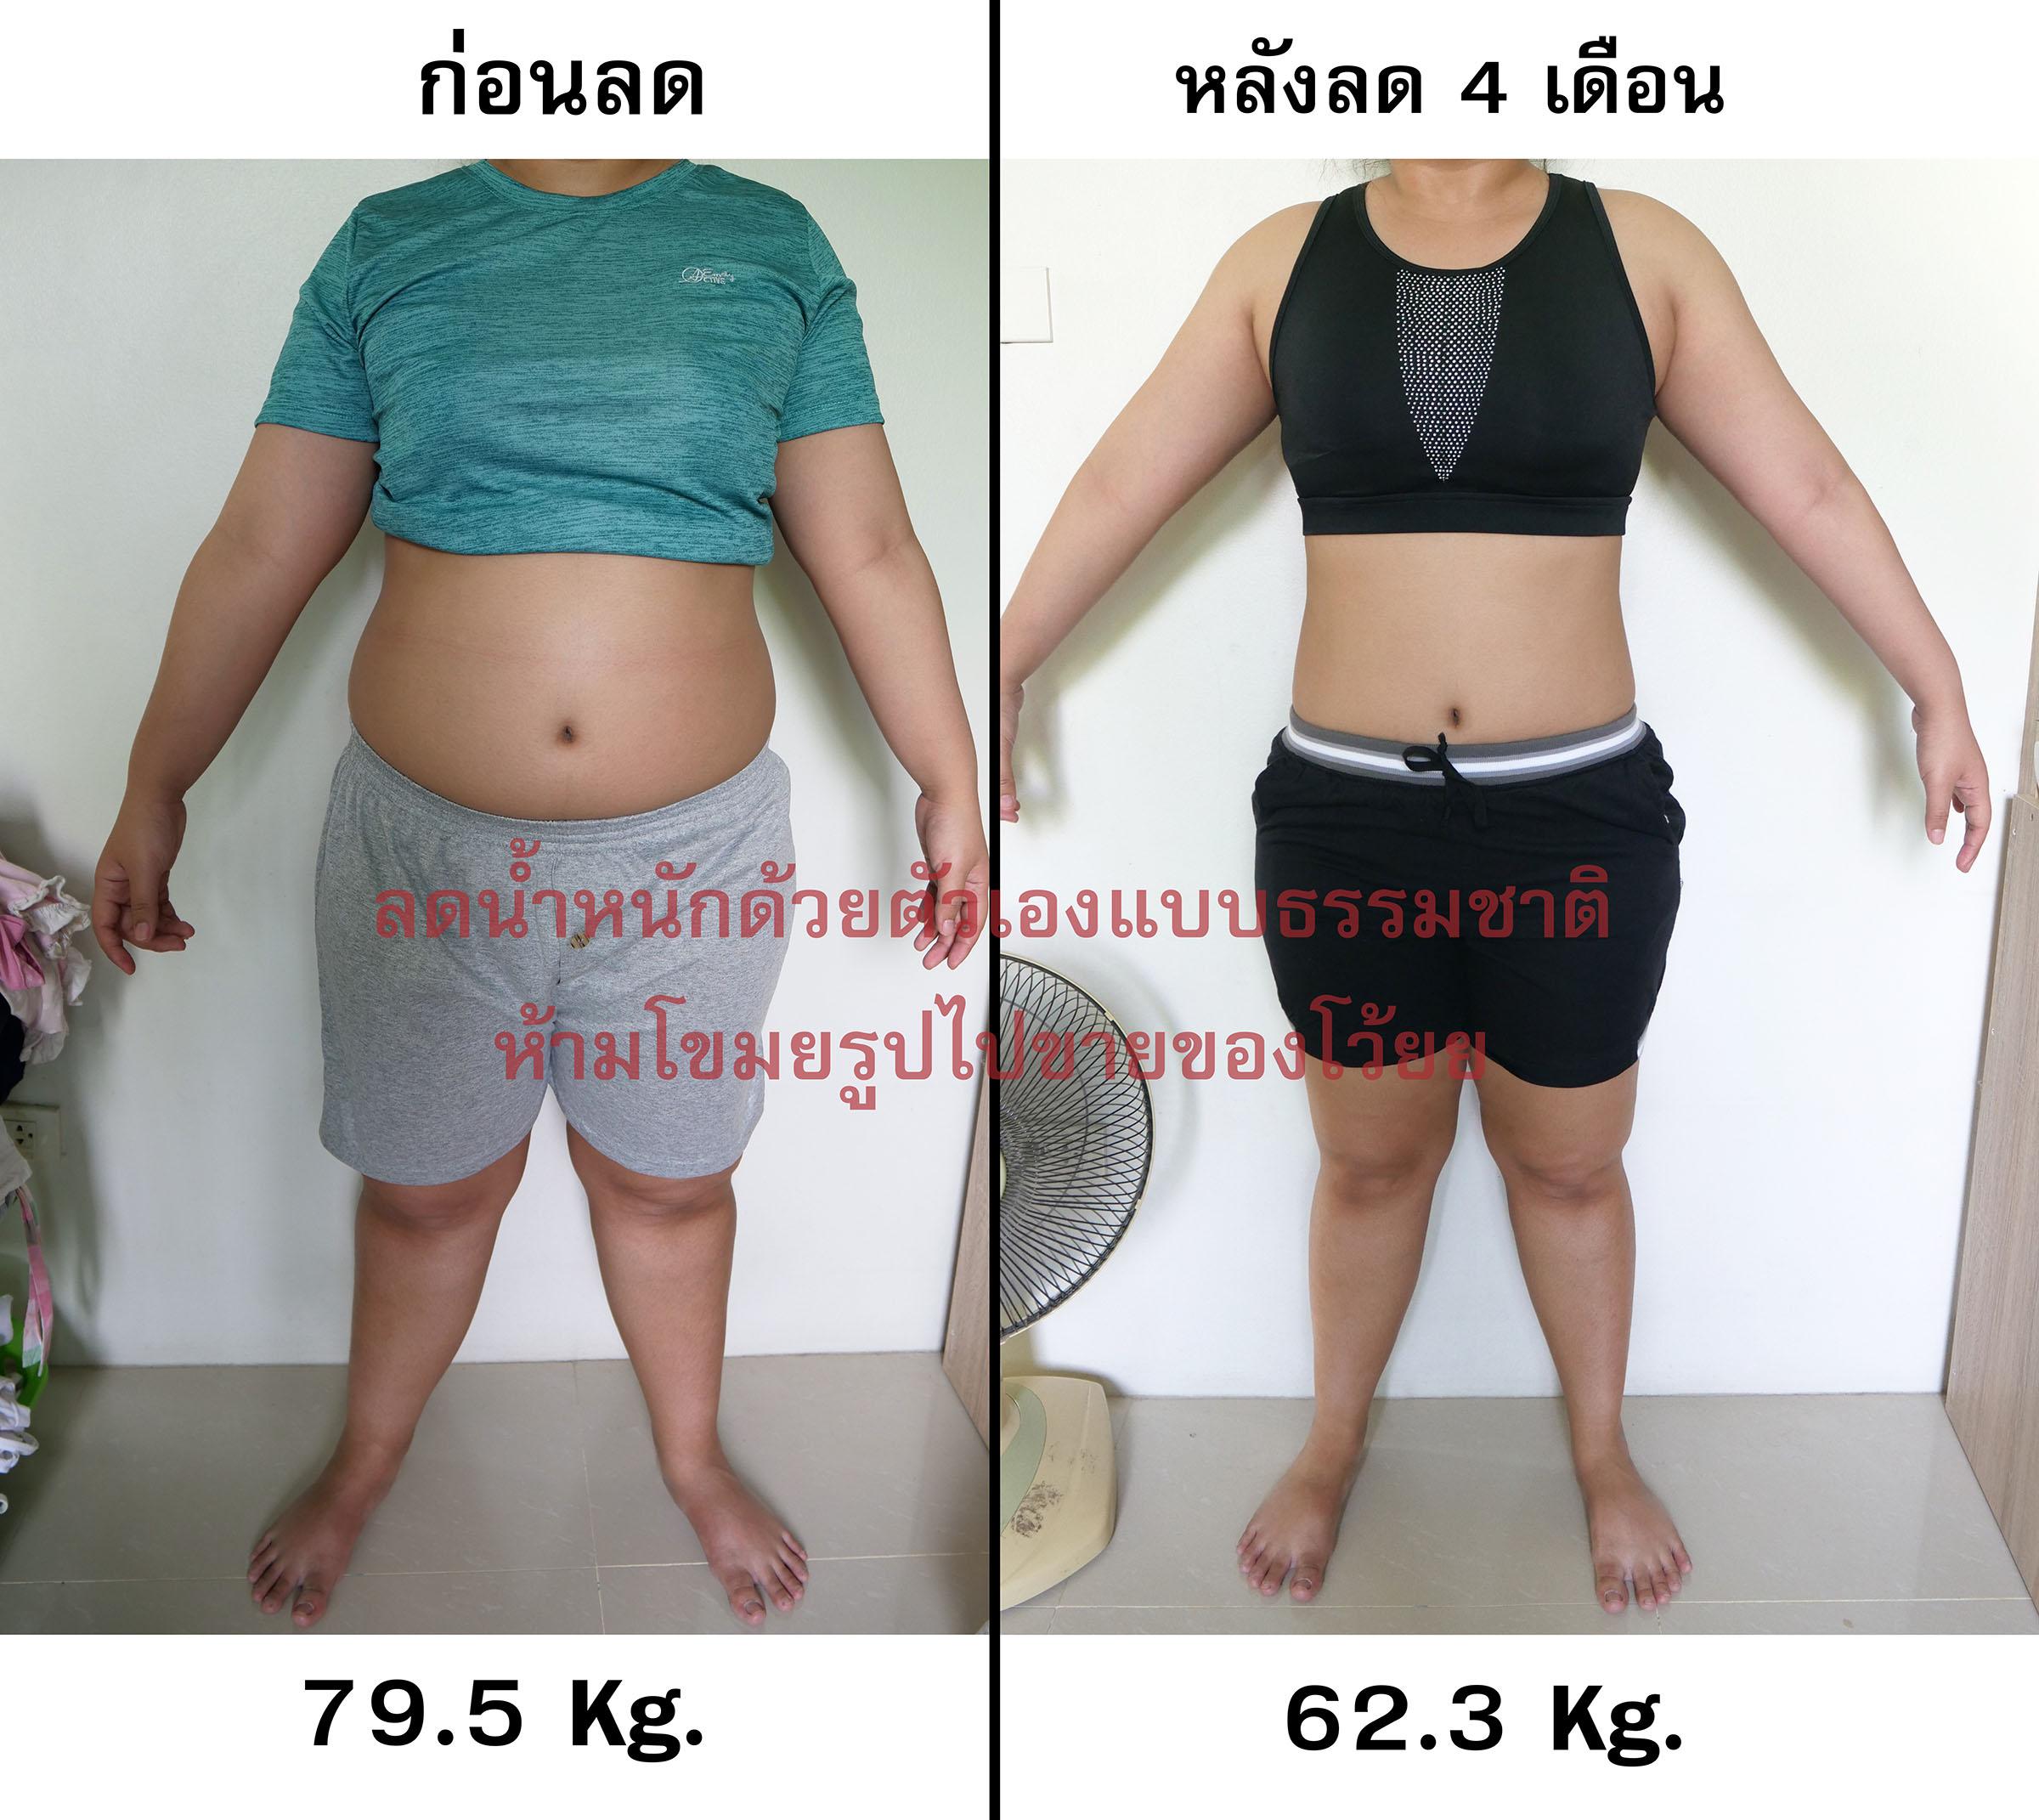 ลดน้ำหนัก Pantip